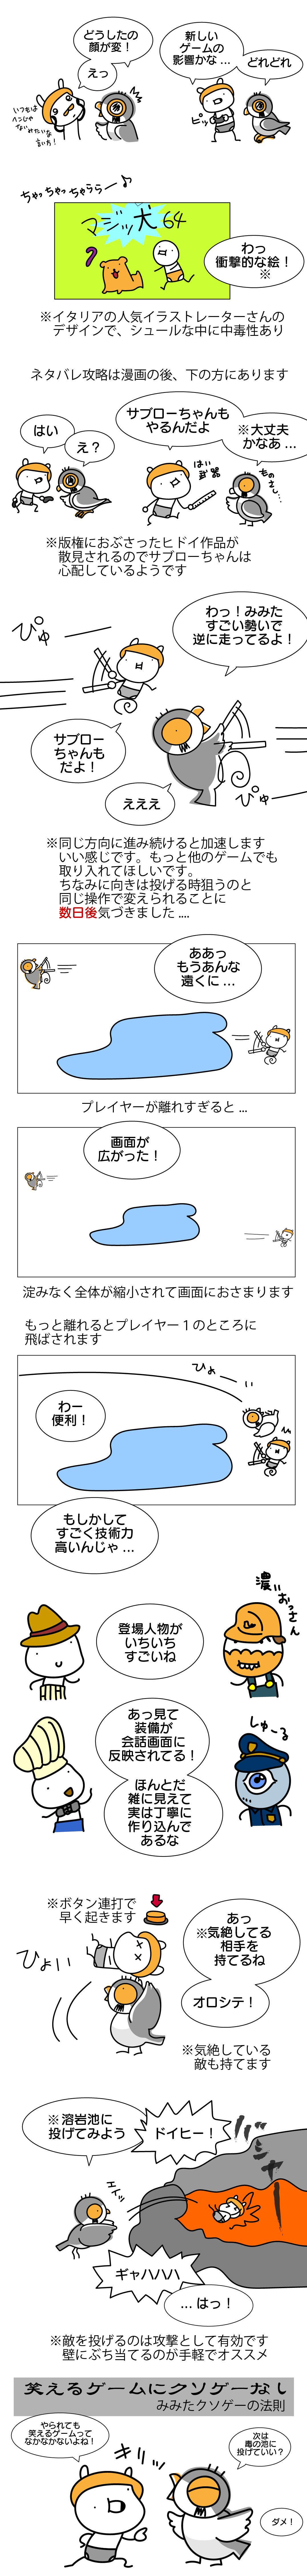 マジッ犬64レビュー漫画